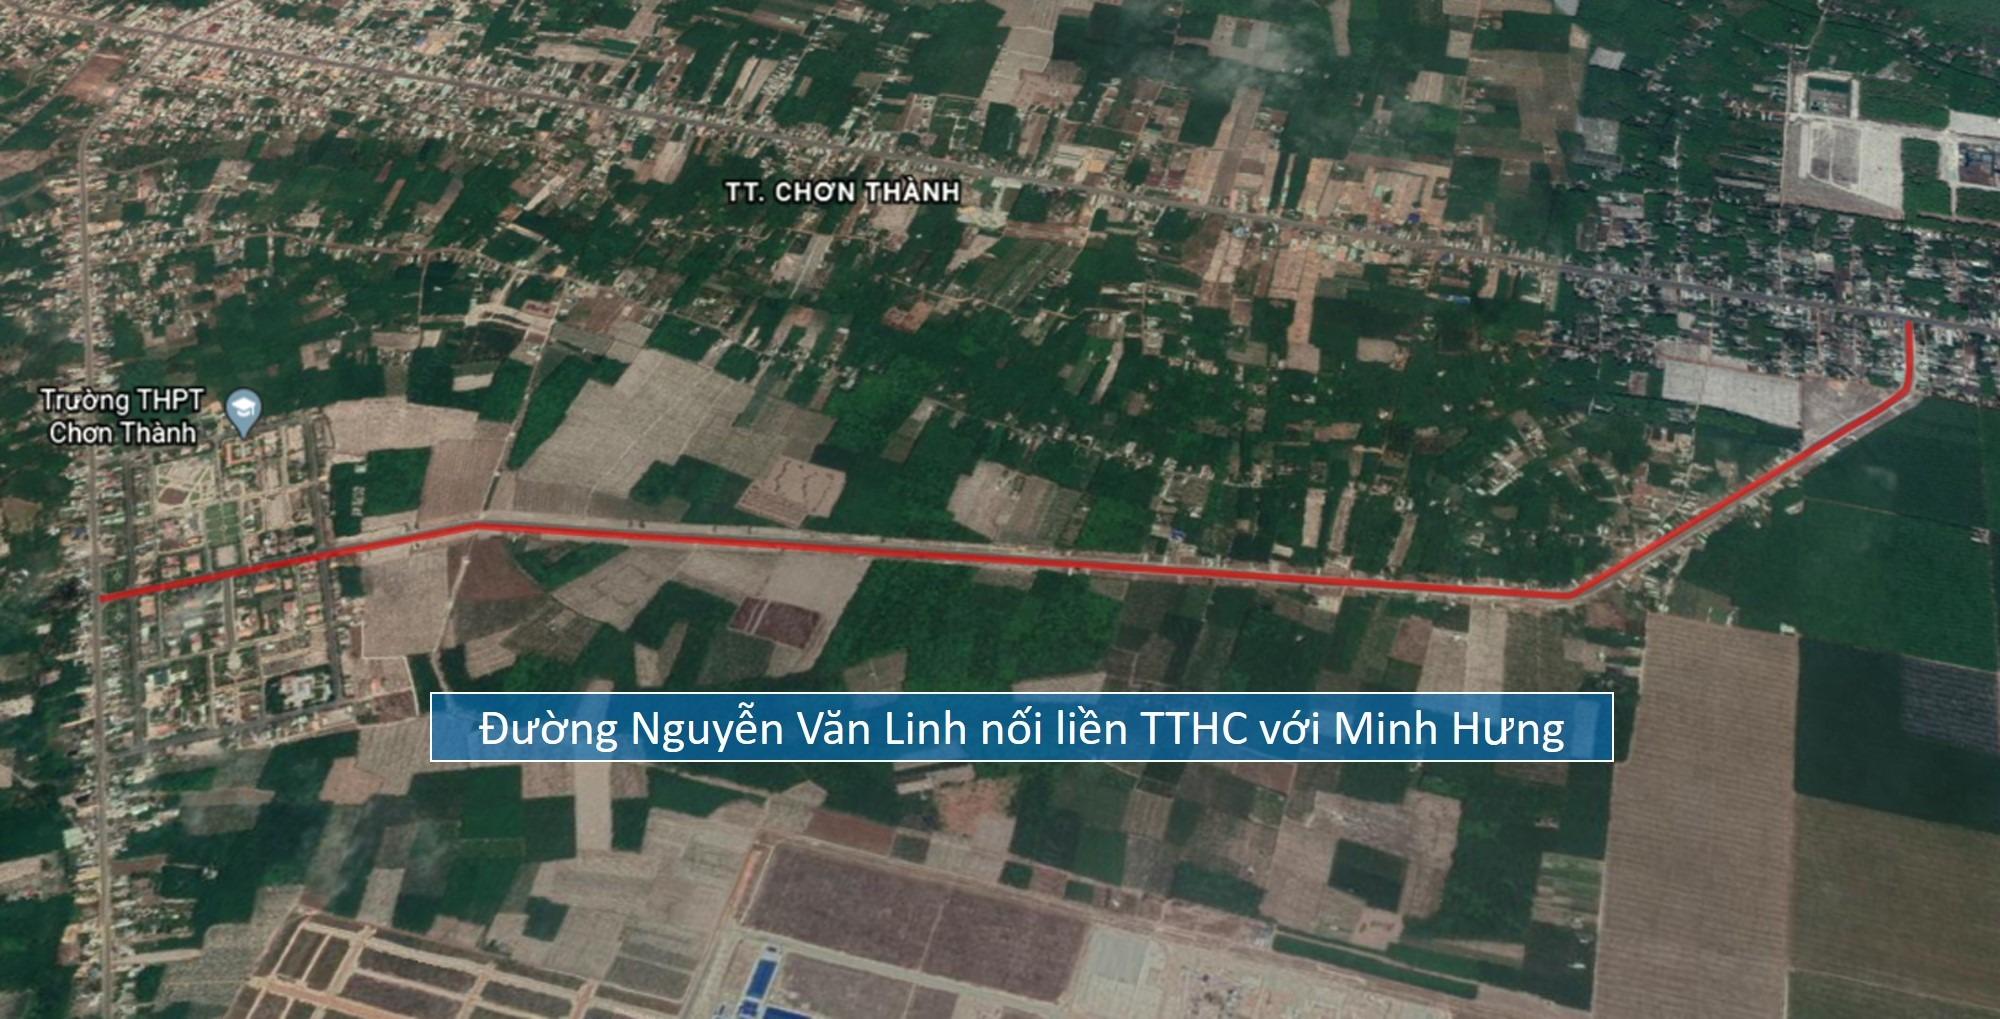 Đường Nguyễn Văn Linh nối liền TTHC Chơn Thành với Minh Hưng